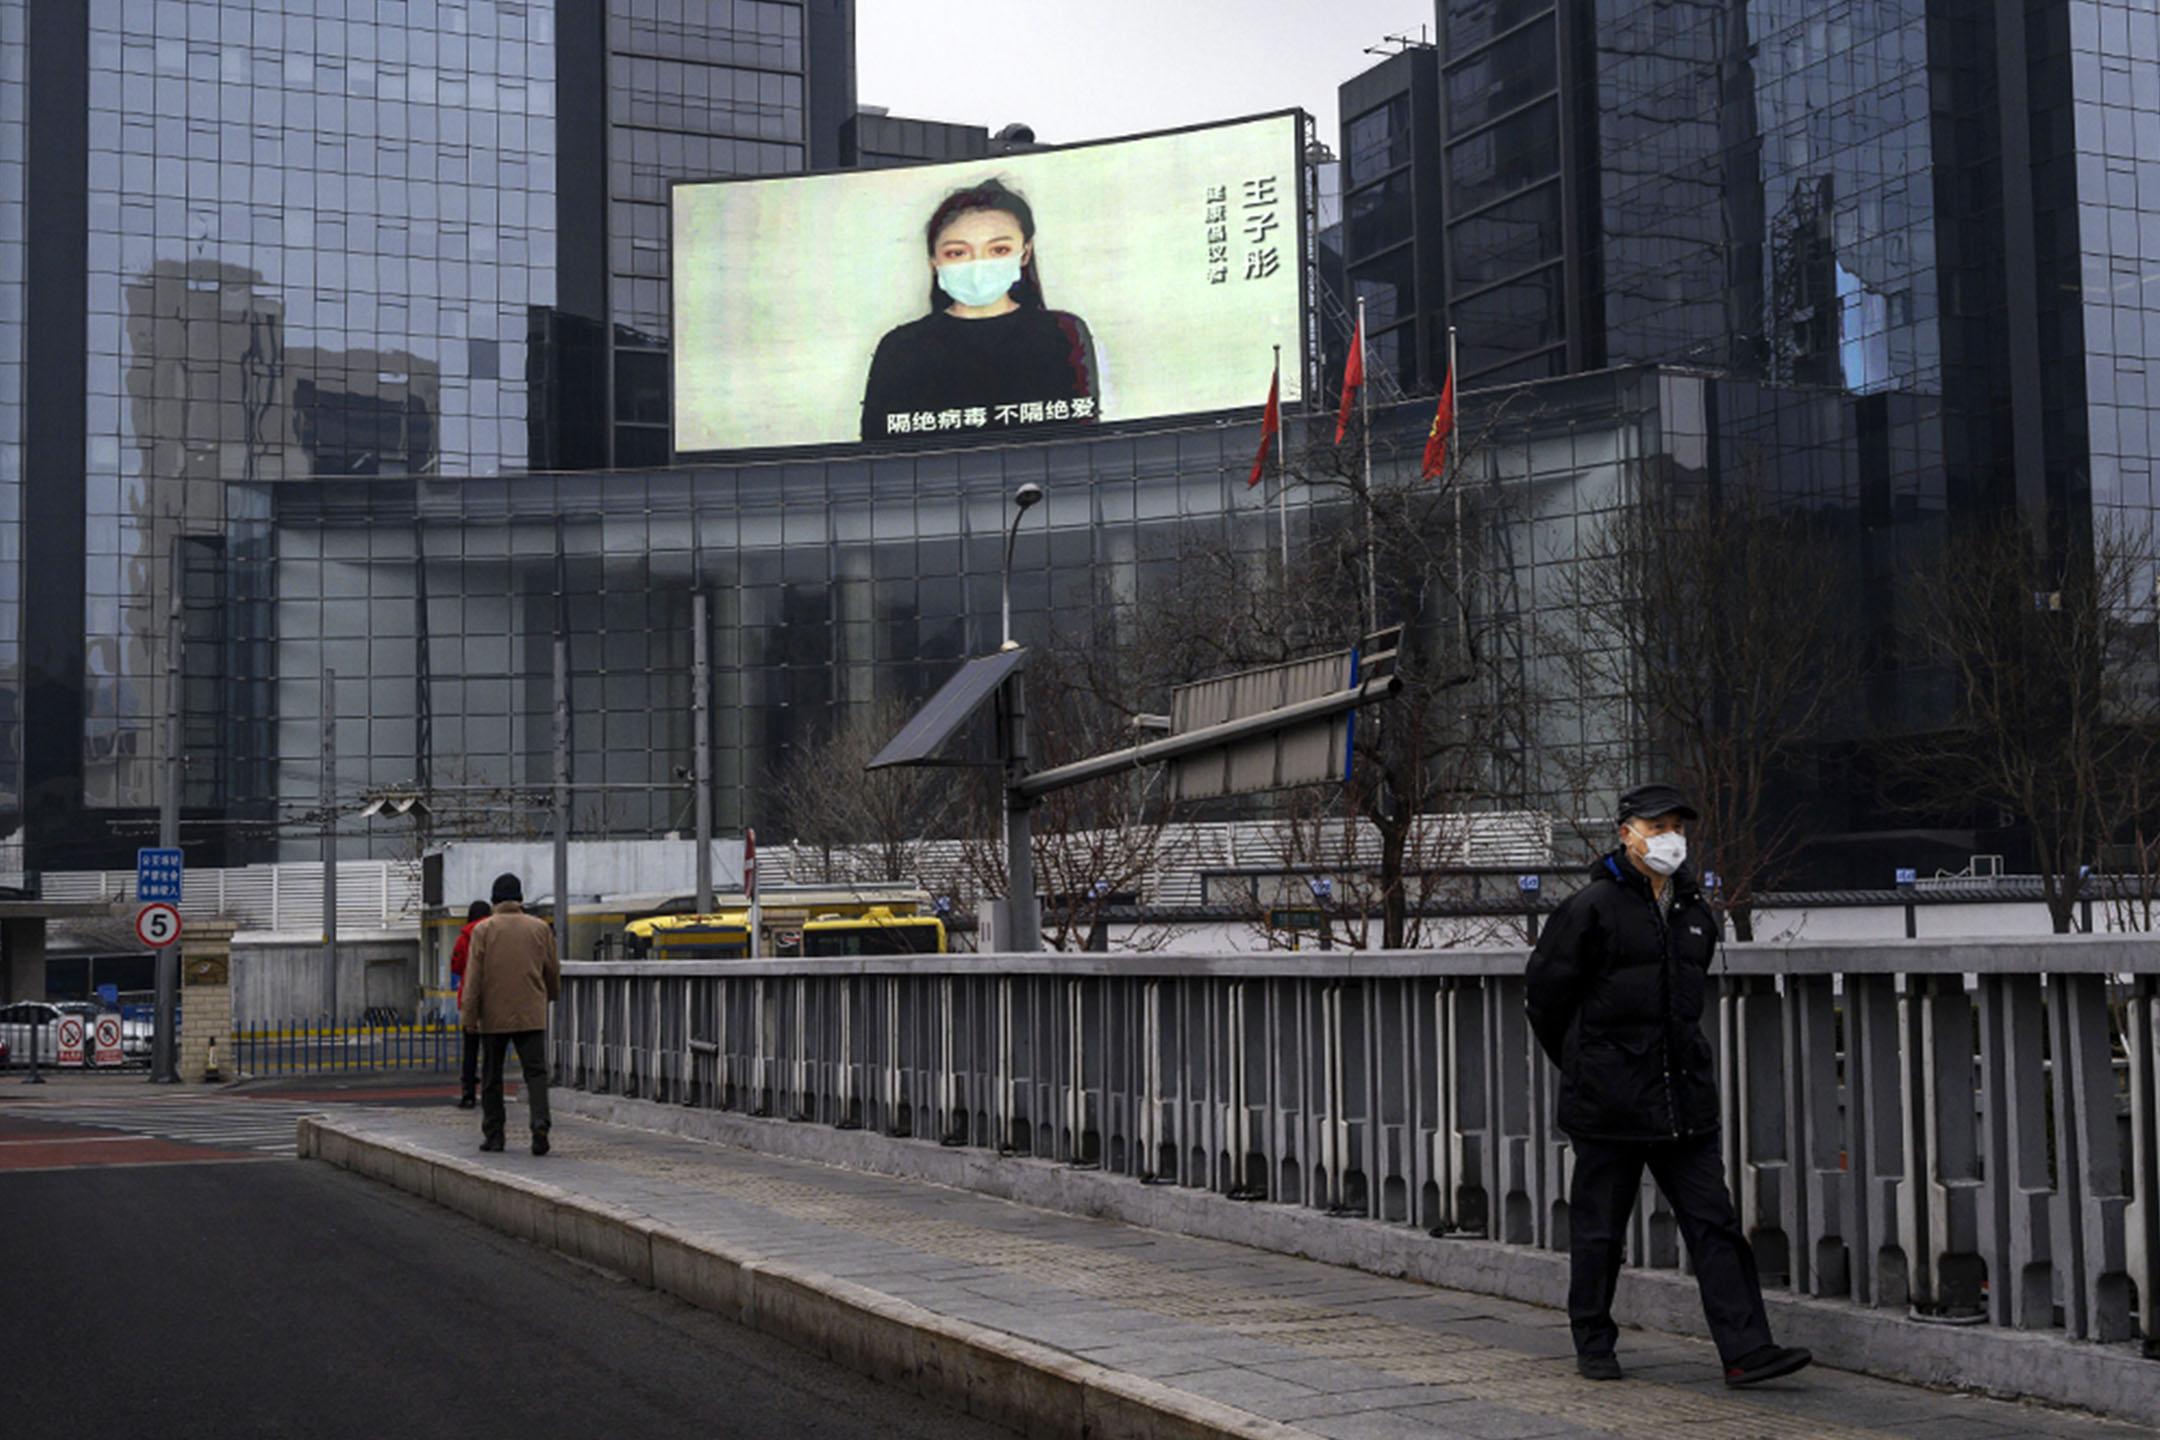 2020年2月20日在中國北京,一個大屏幕顯示一個女人的廣播,街道上一名男子戴著口罩。 攝:Kevin Frayer/Getty Images